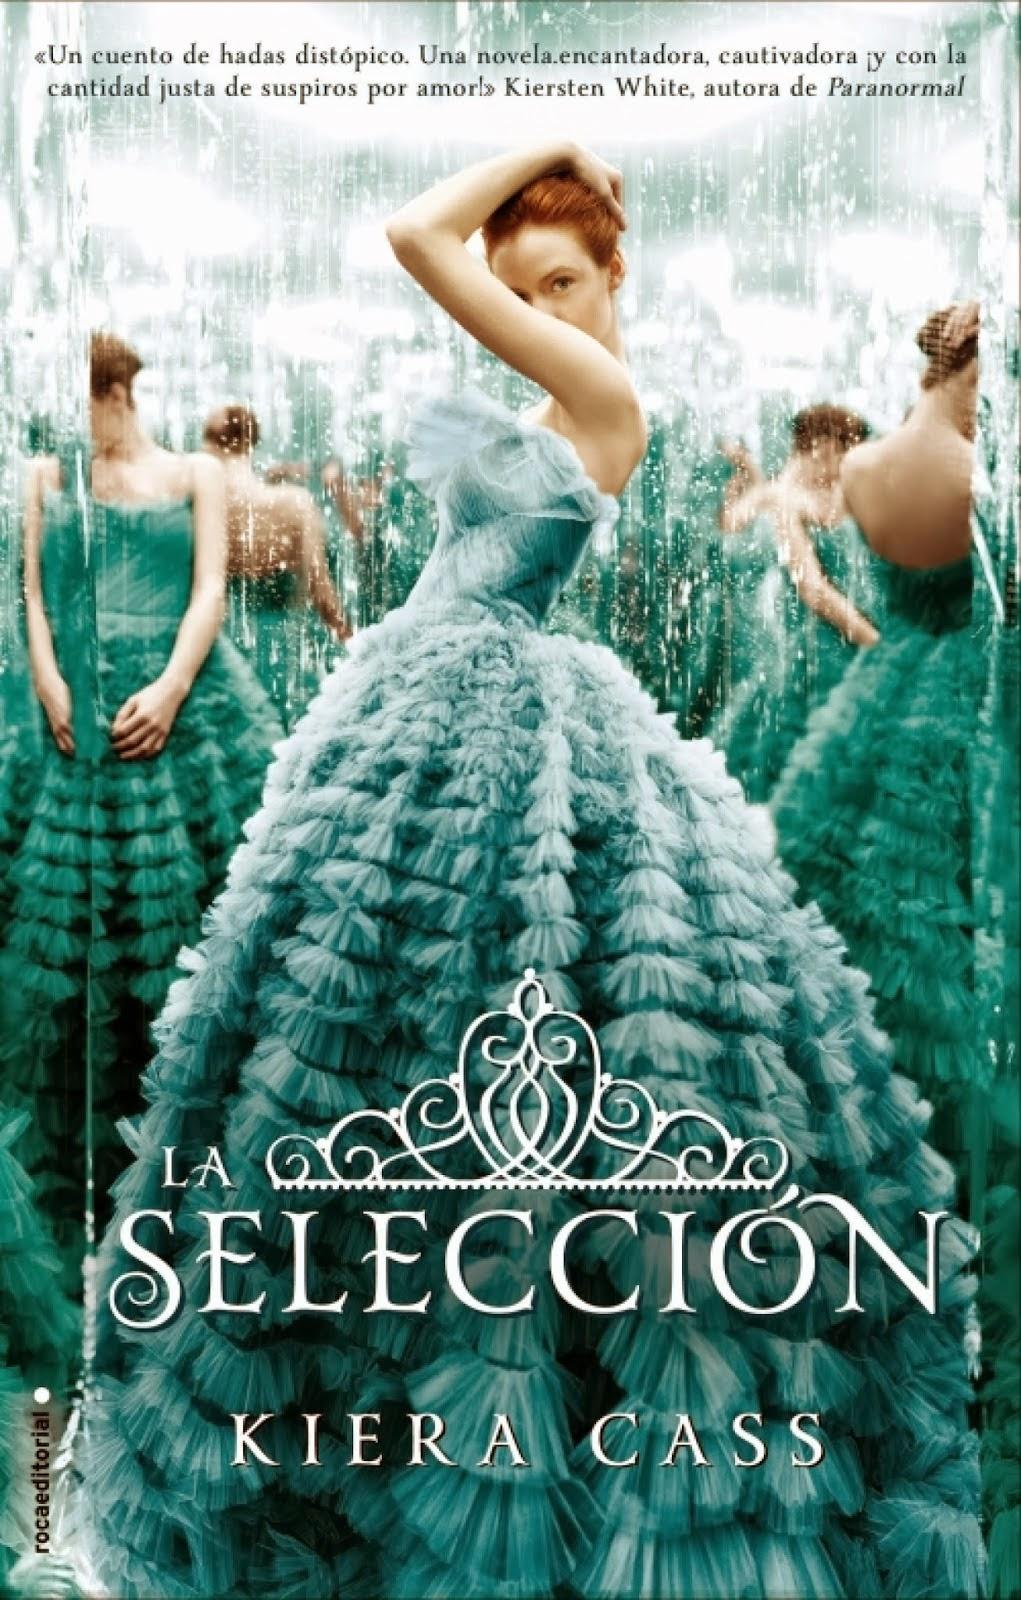 Kiera-Cass-la-seleccion-saga-recomendaciones-interesantes-literatura-opinion-blogs-blogger